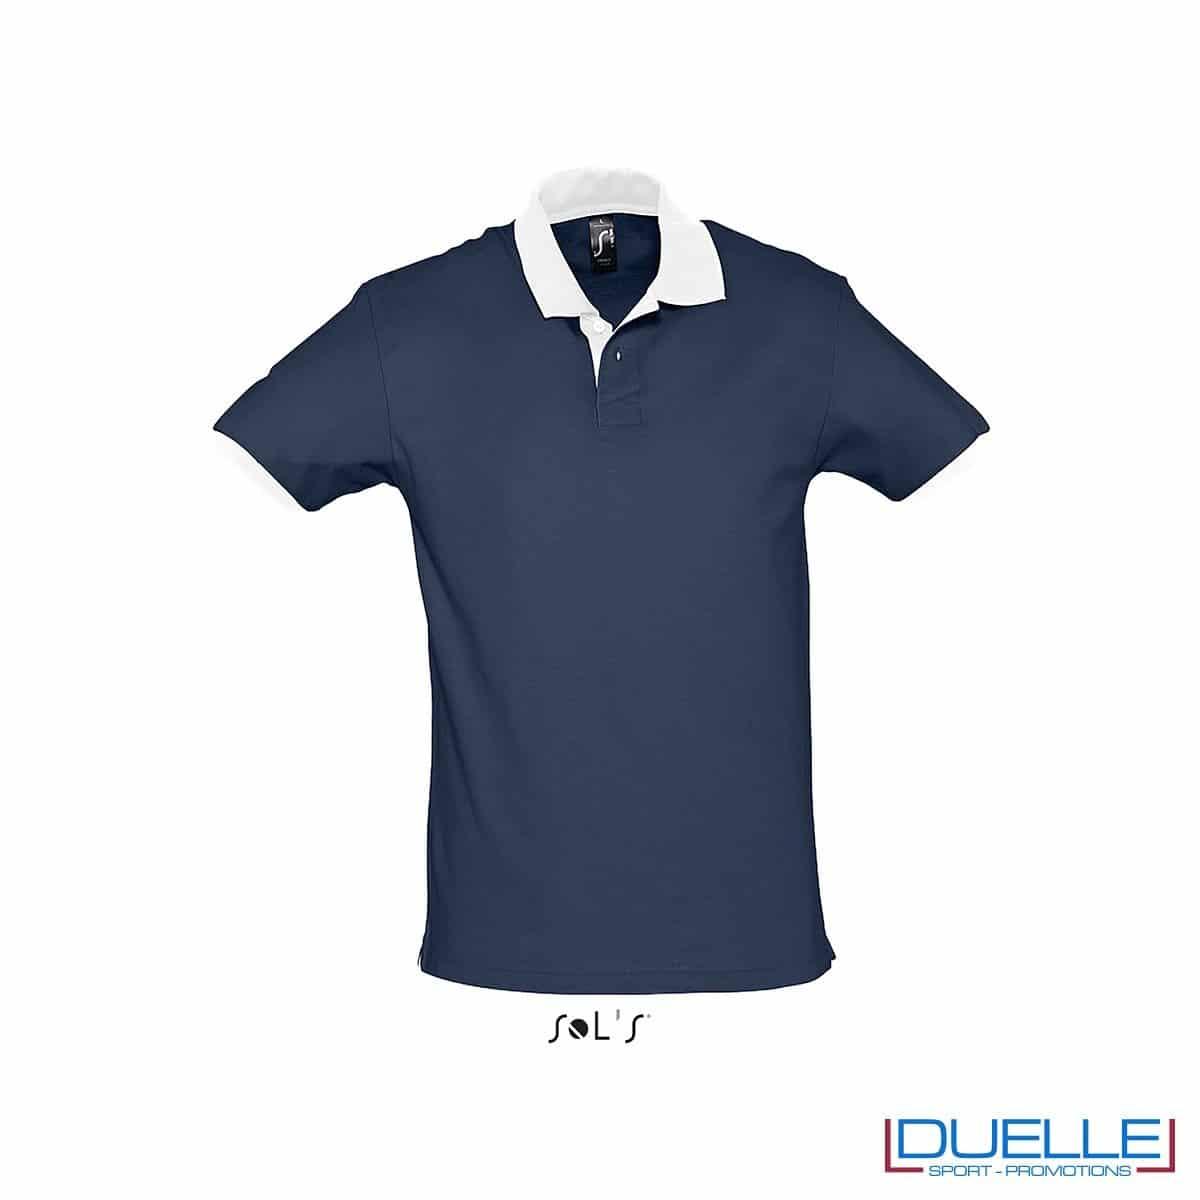 polo personalizzata color blu navy con finiture a contrasto, abbigliamento promozionale personalizzato